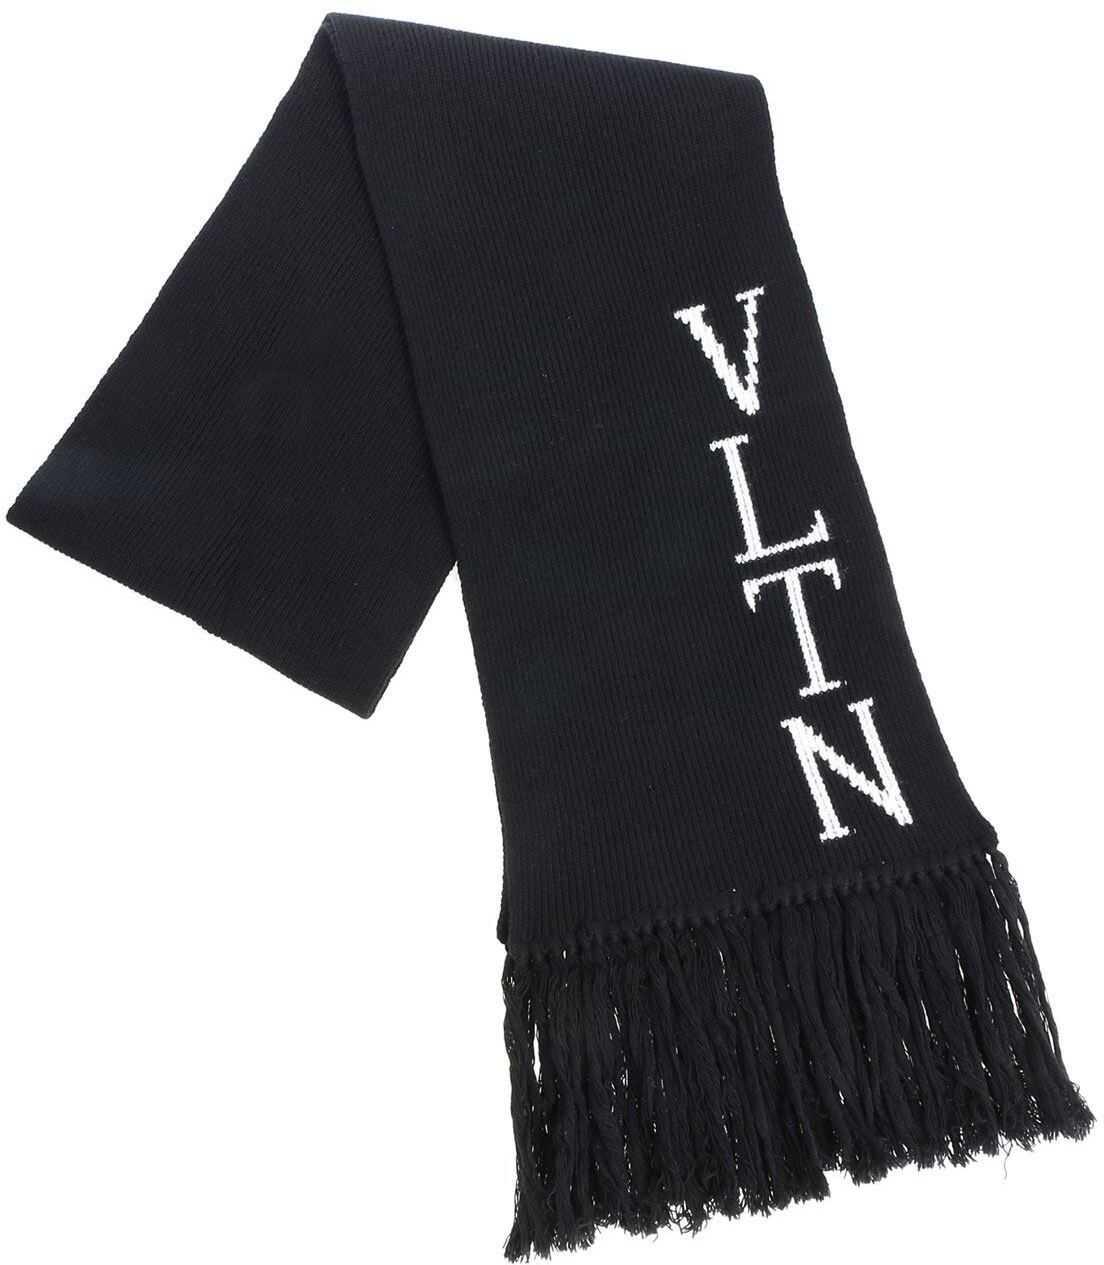 Valentino Garavani Vltn Black Scarf Black